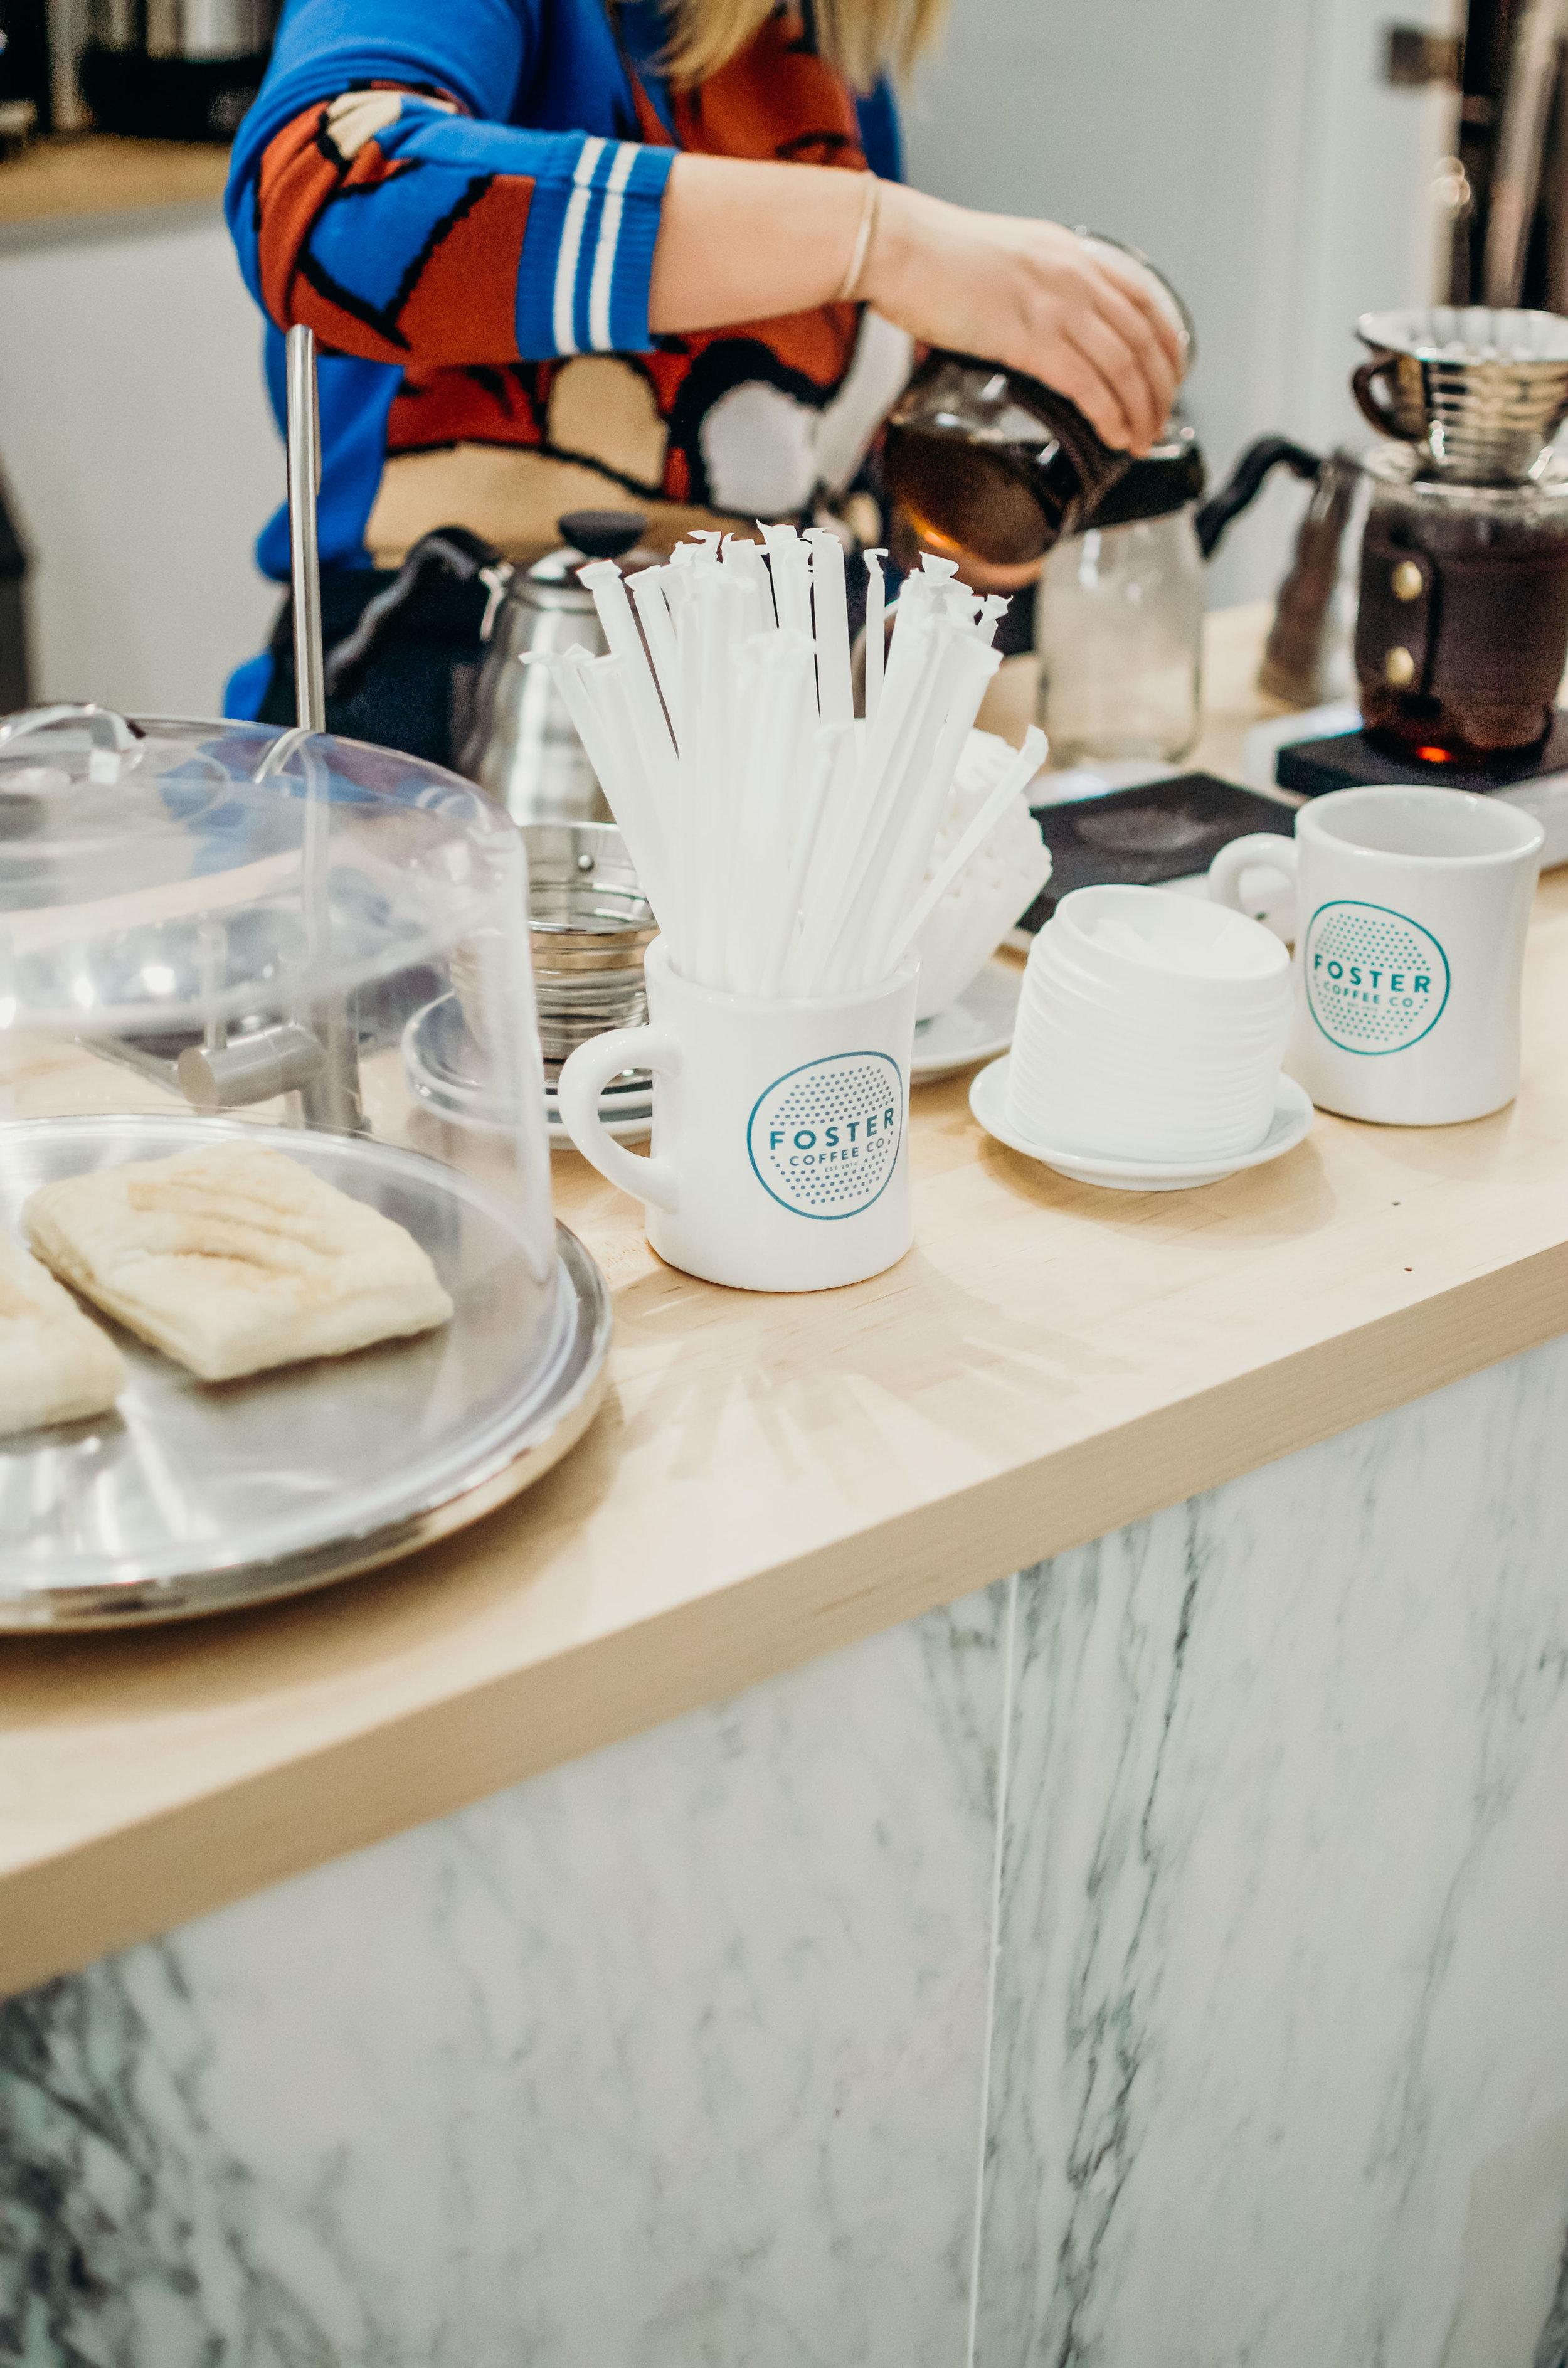 Wendling_Boyd_Foster_Flint_Fwrd_Coffee_Shop-16.jpg